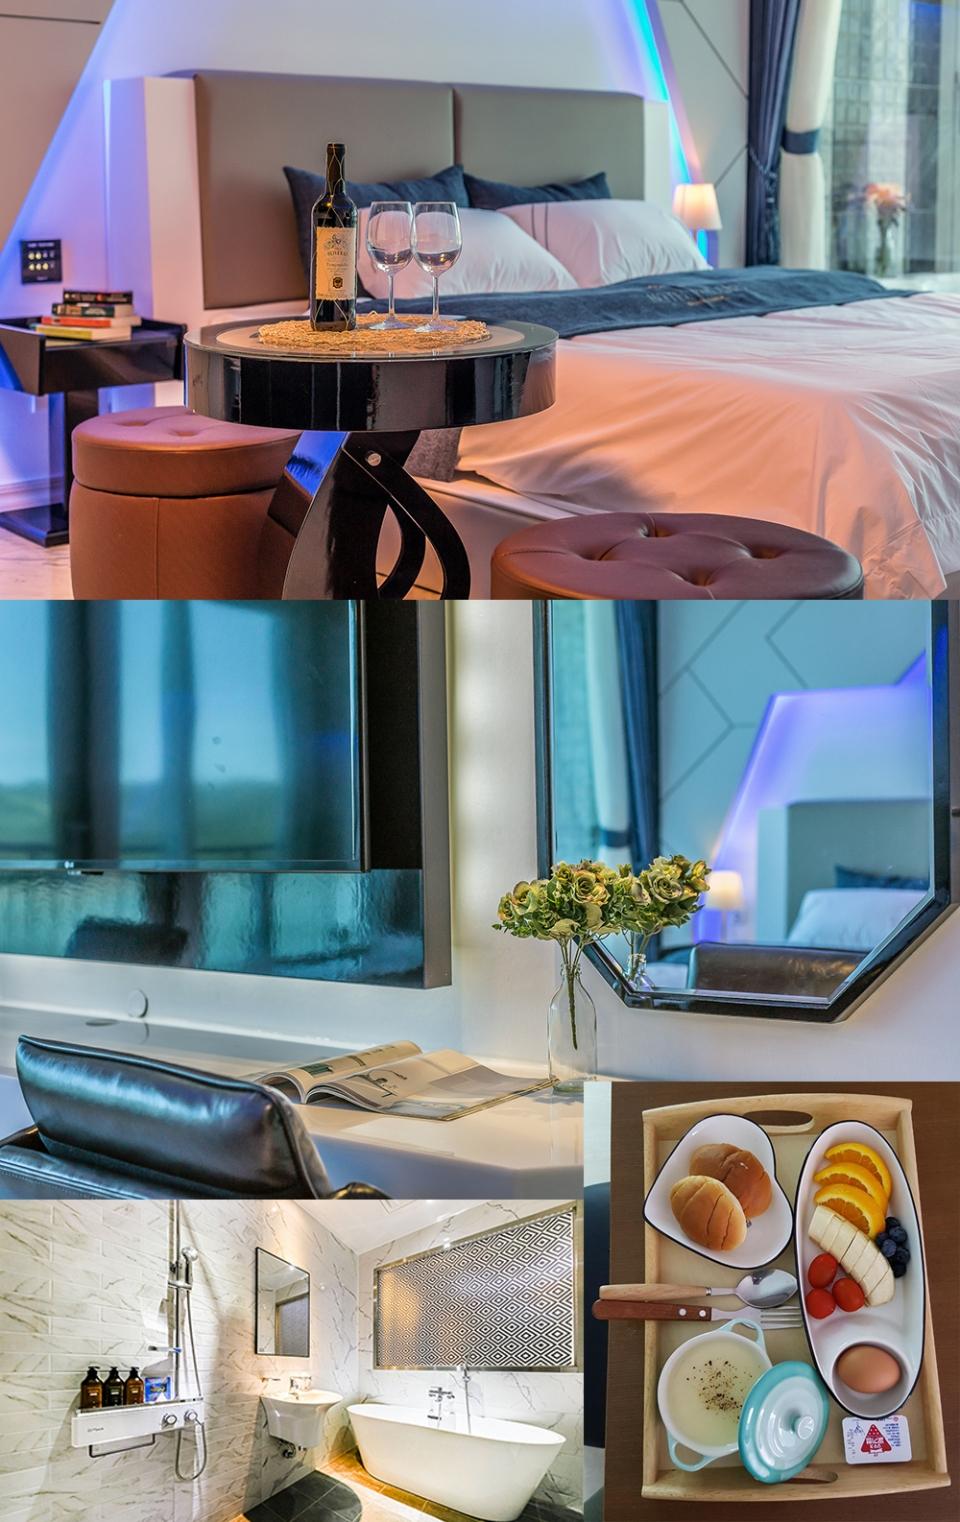 ▲ 호텔과 무인텔의 장점을 두루 갖춘 폴라리스무인호텔